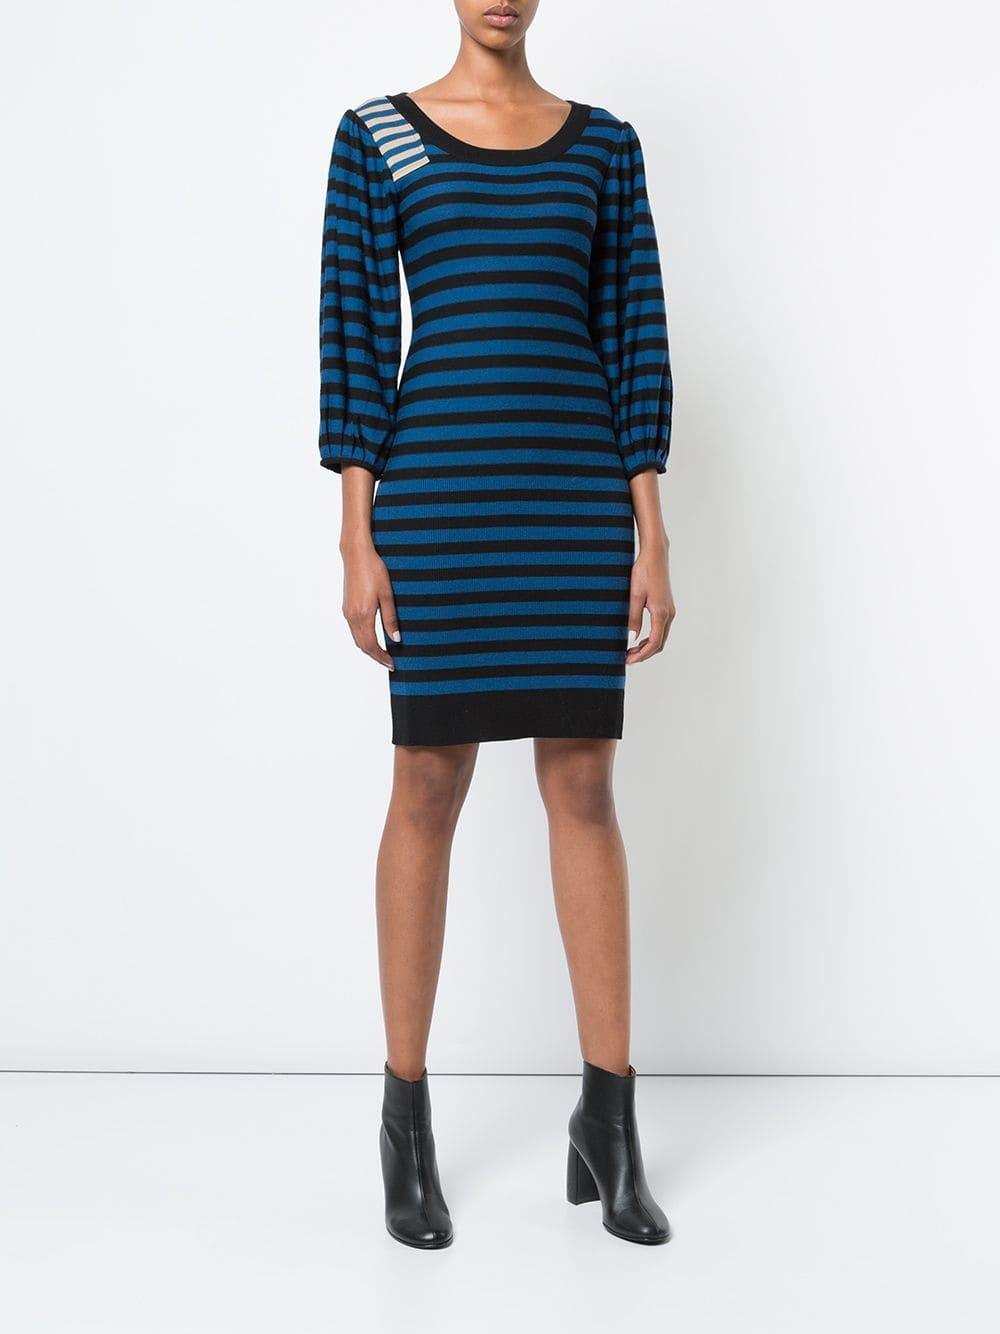 54fb92d421 Sonia Rykiel Striped Knitted Dress, £294 | farfetch.com | Lookastic UK